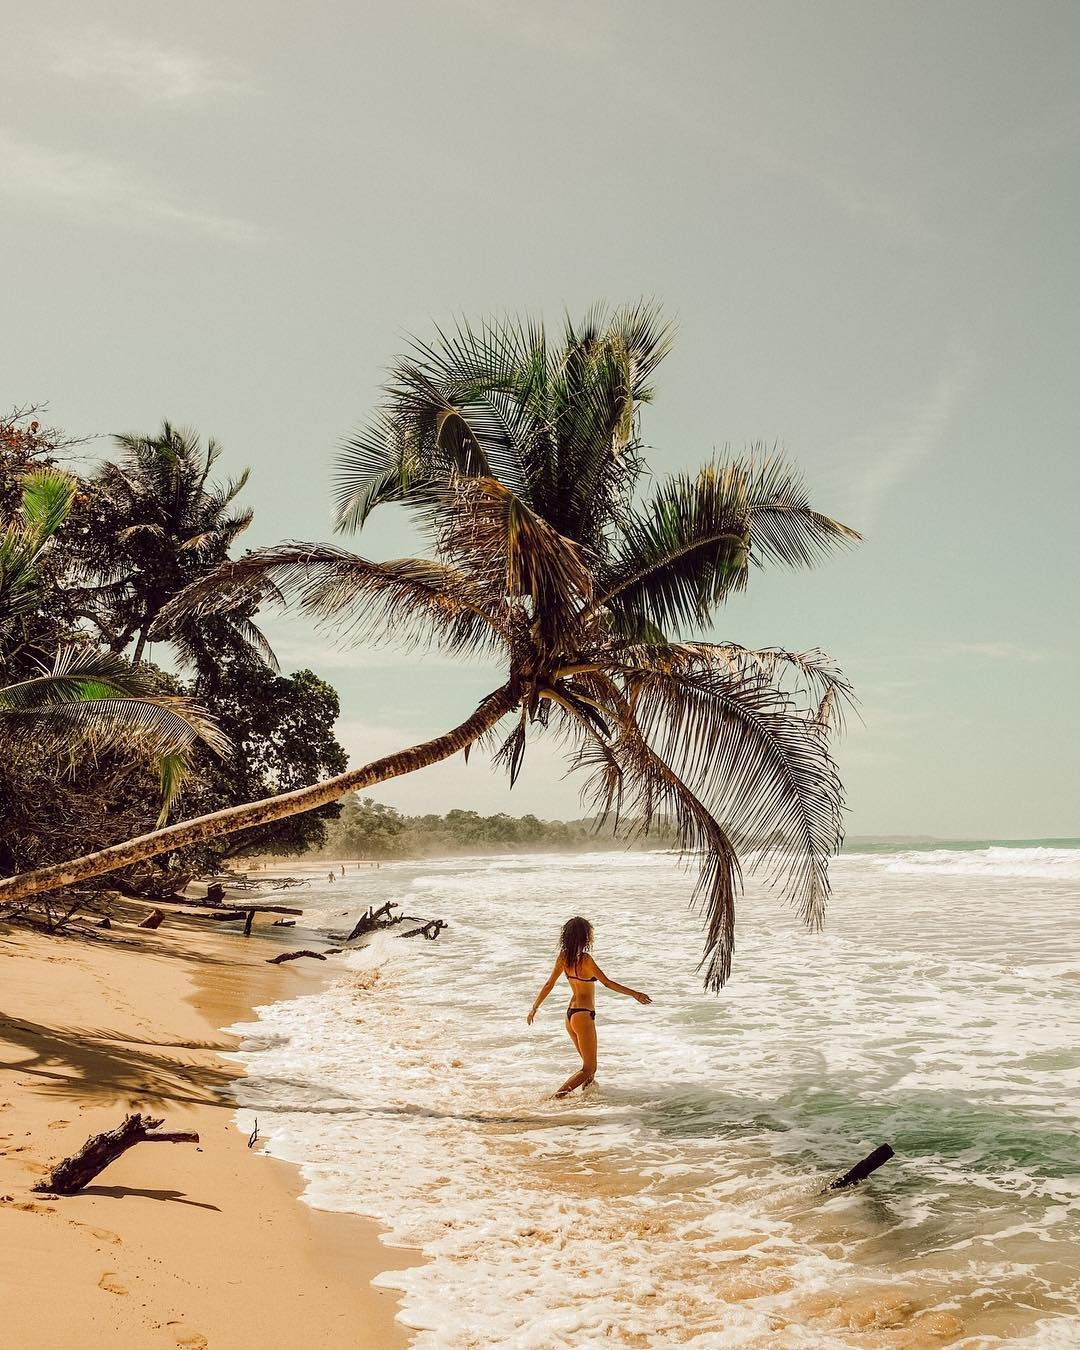 heylilahey_worlds most remote beaches_modern getaways.jpg